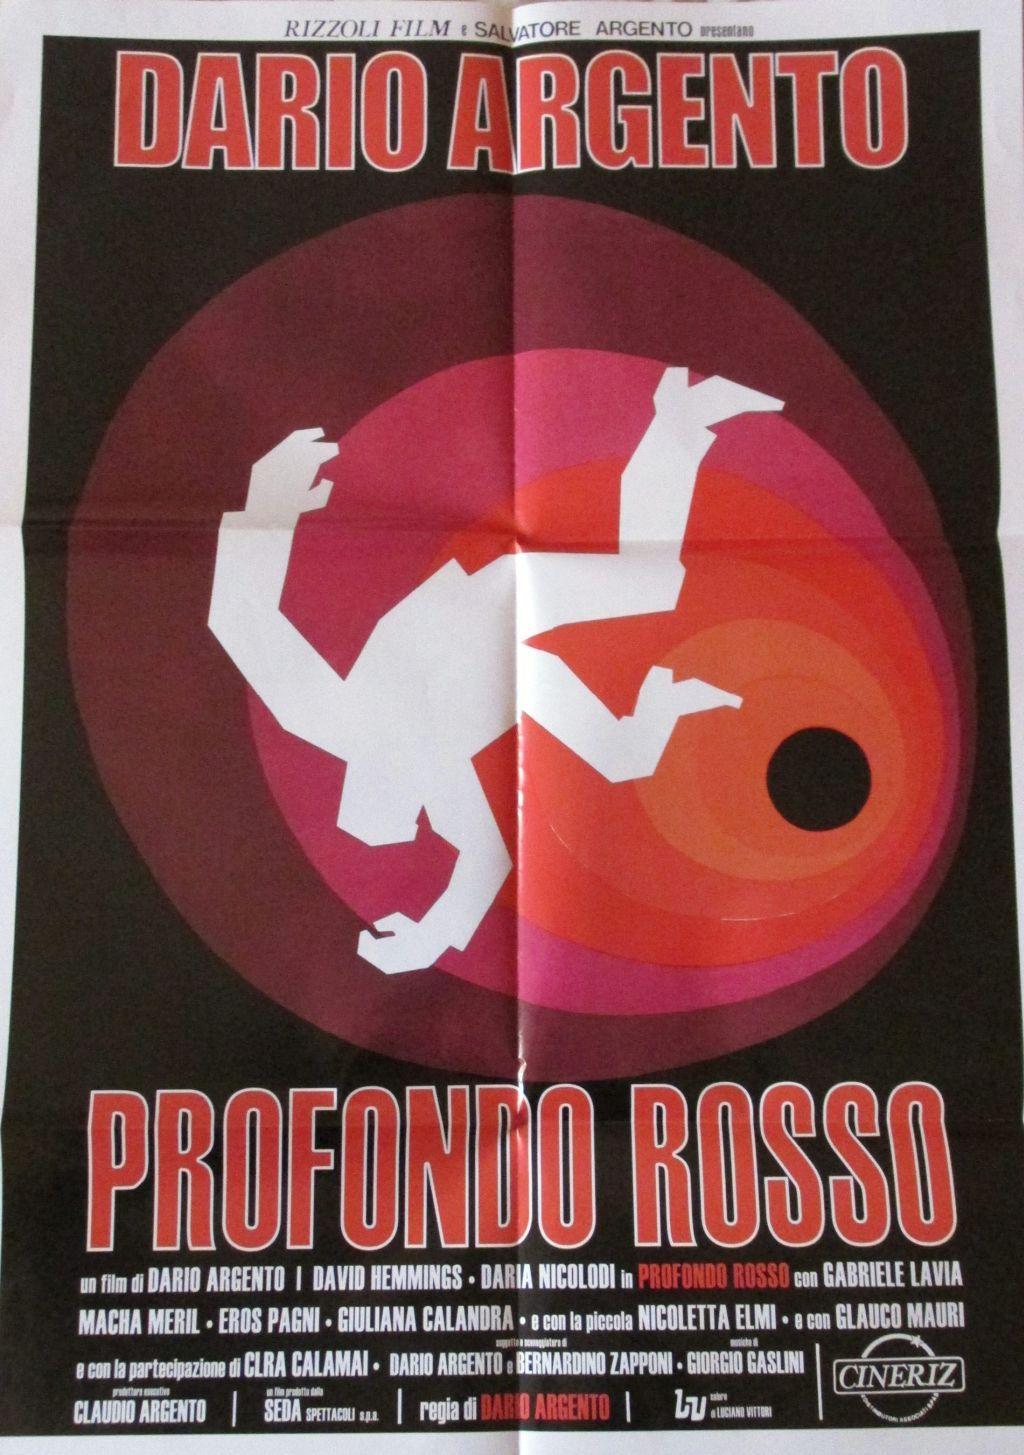 PROFONDO ROSSO TOUR 2015